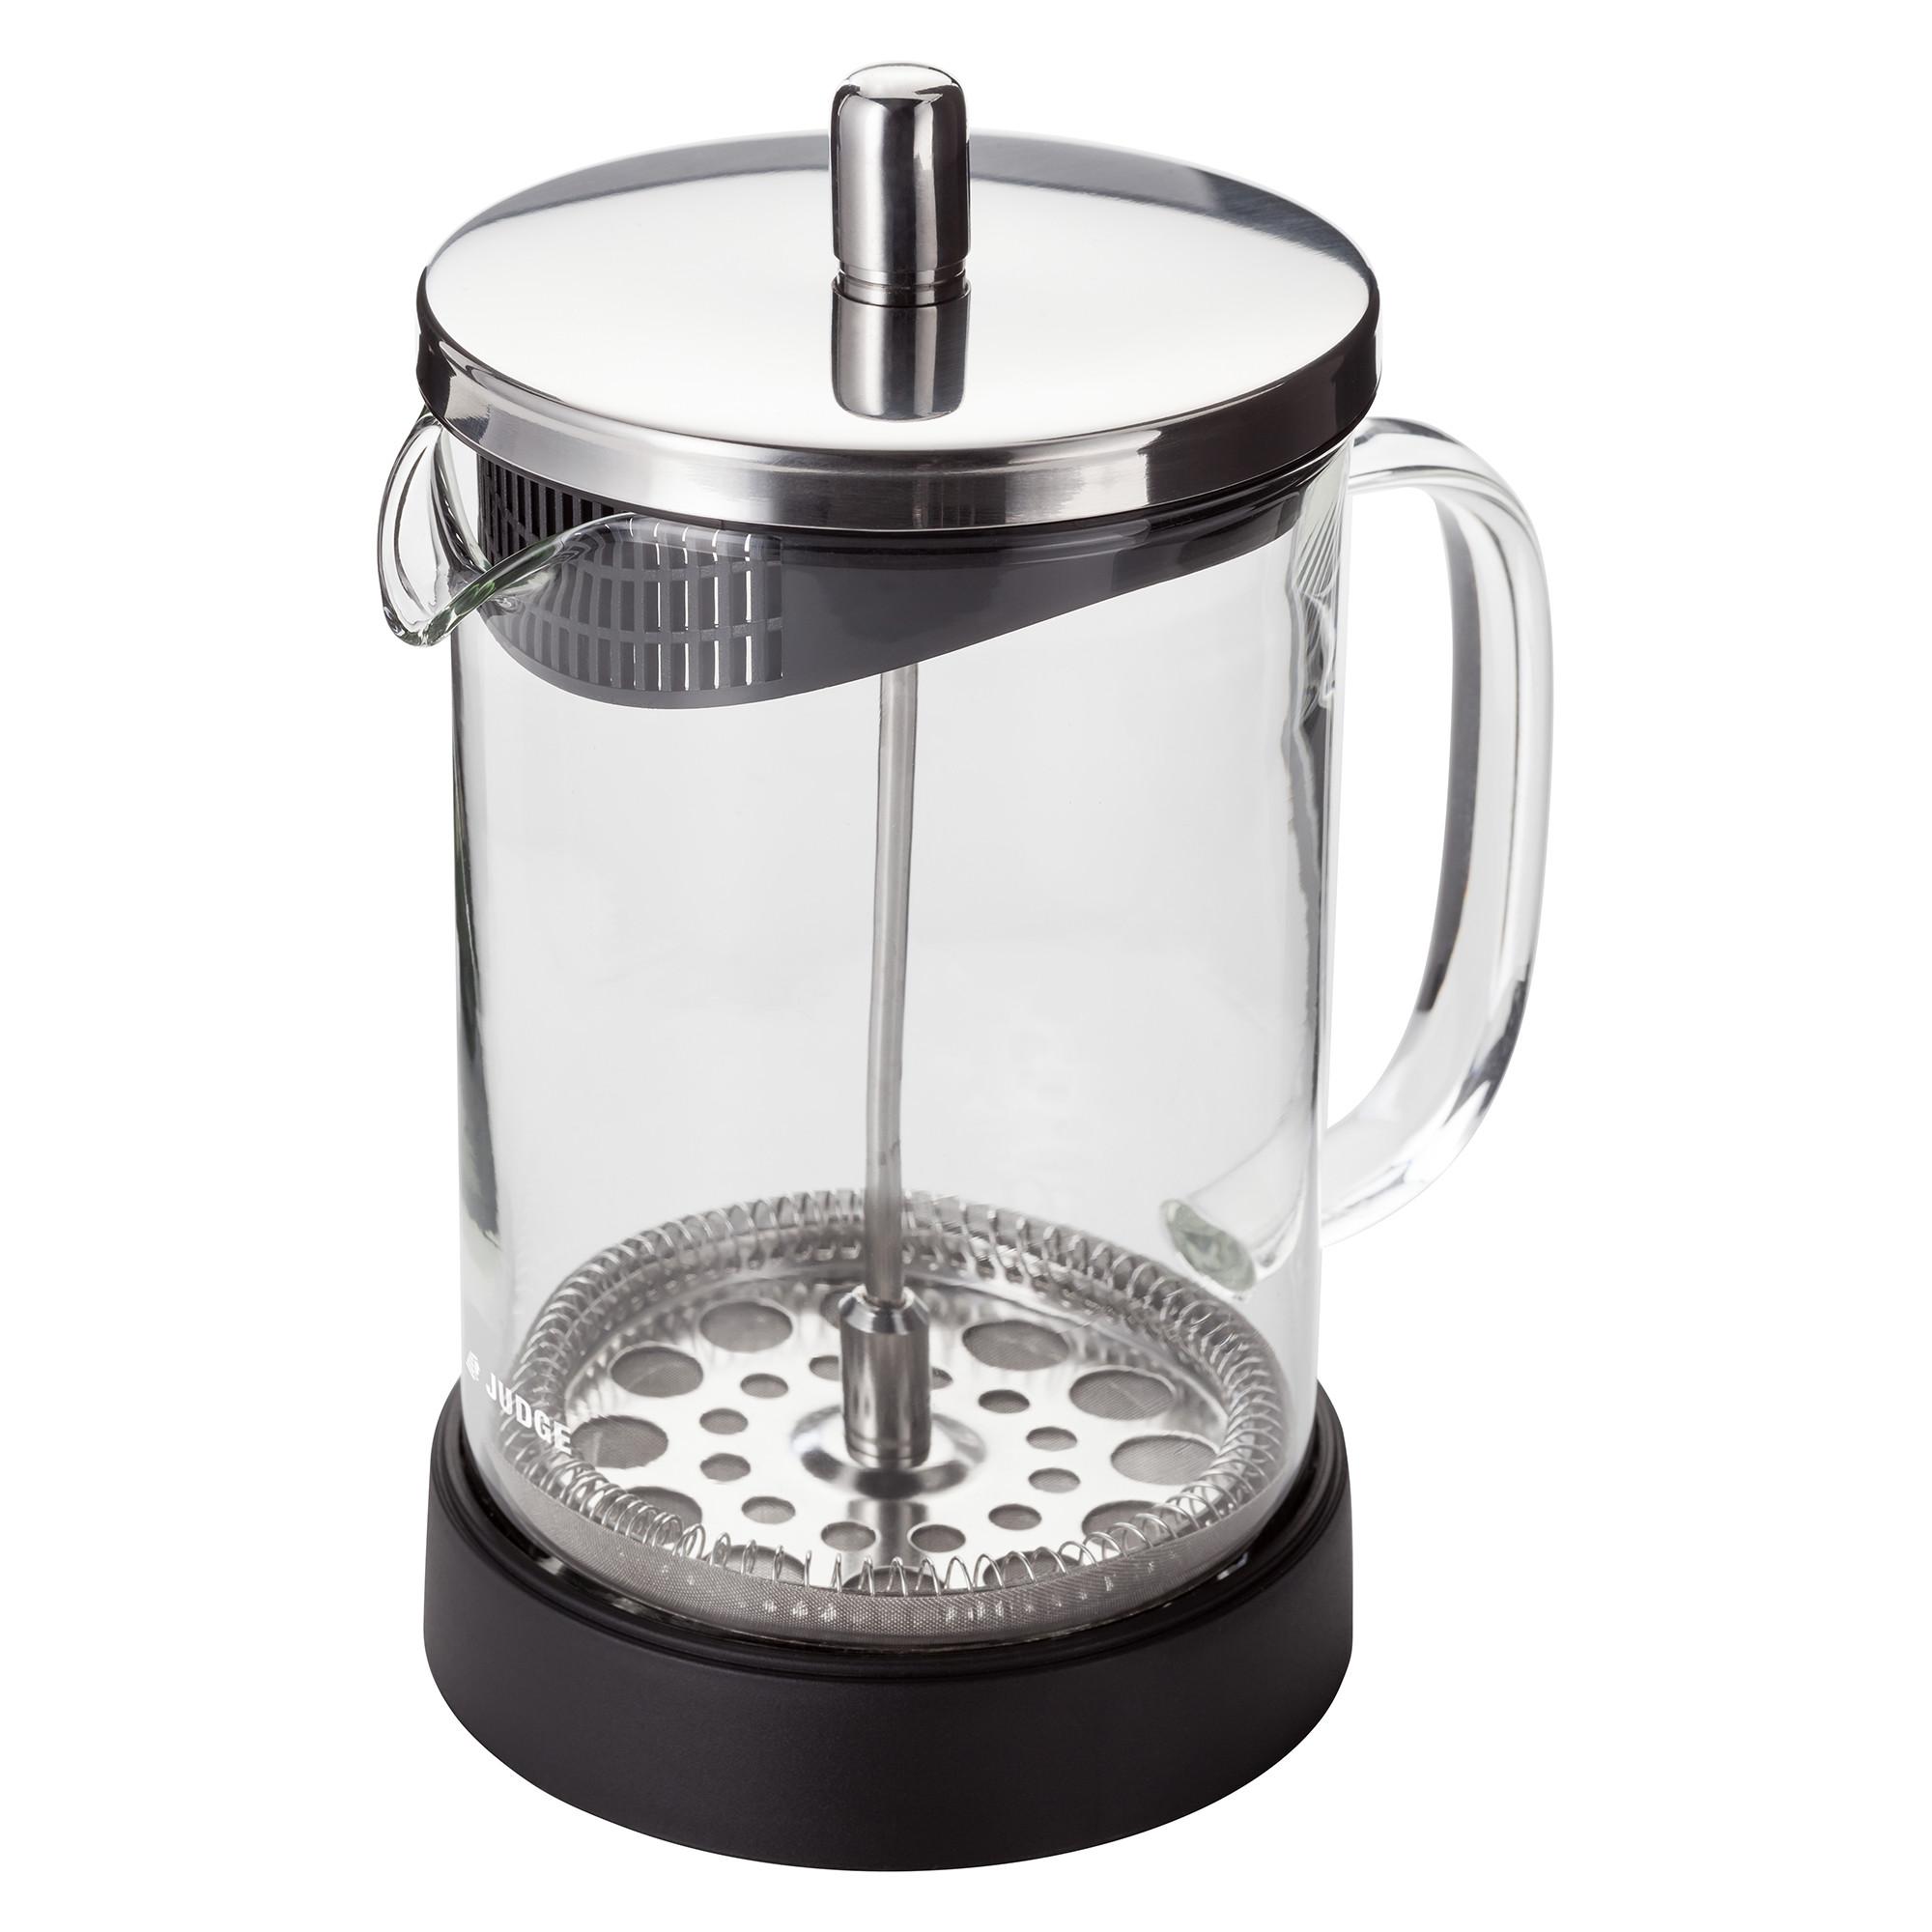 Image of   Cafetiere stempelkande, glas - 6 kopper